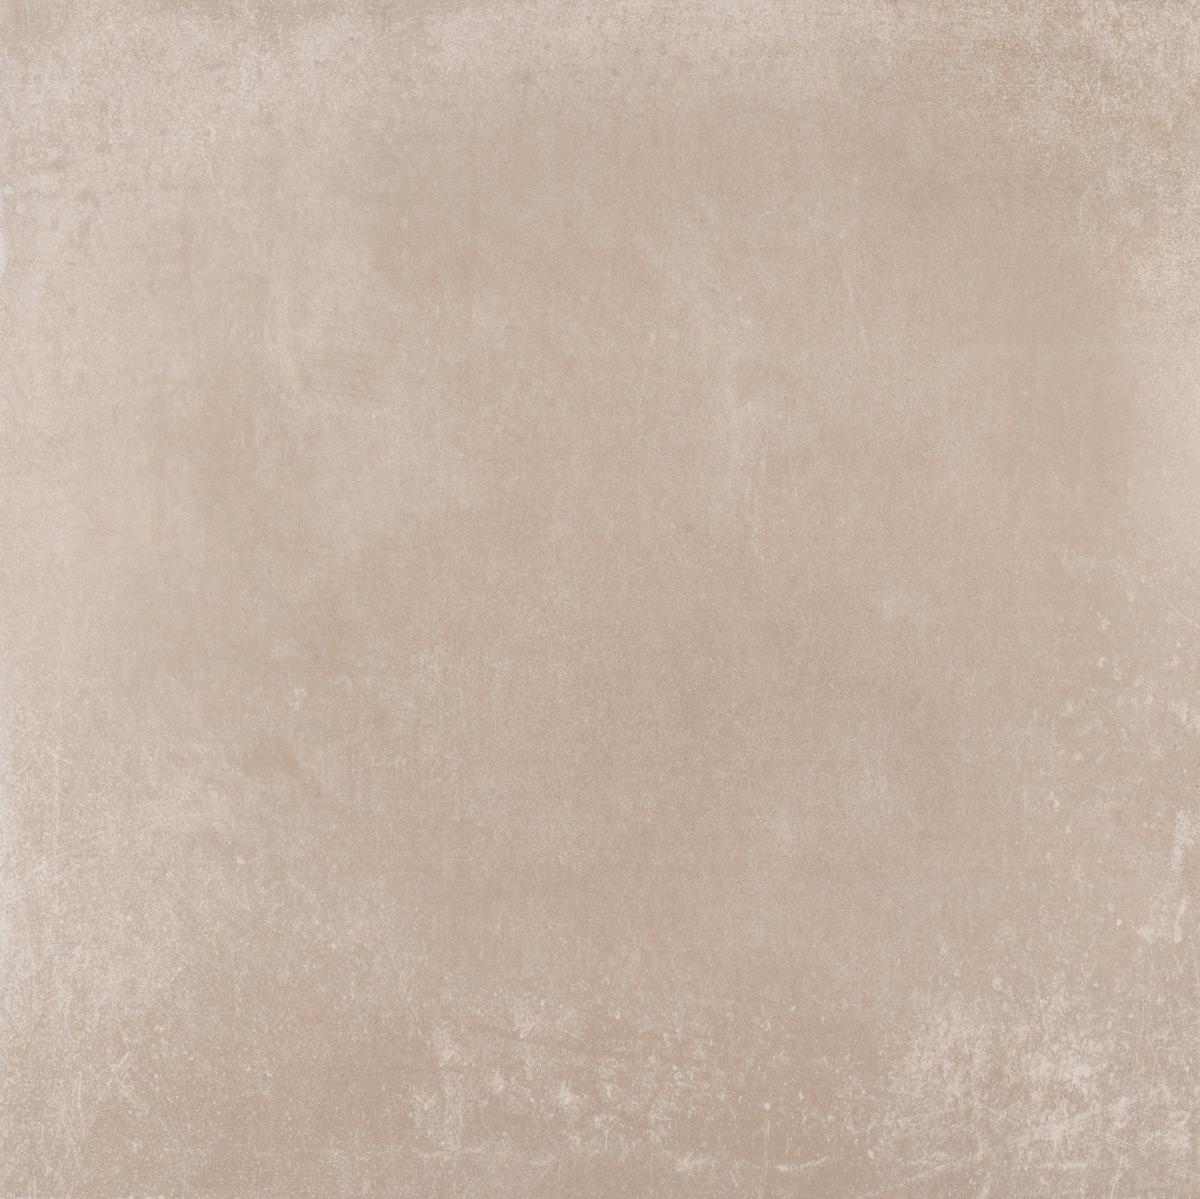 Cinque Como Boden-/Wandfliese beige 75x75 matt